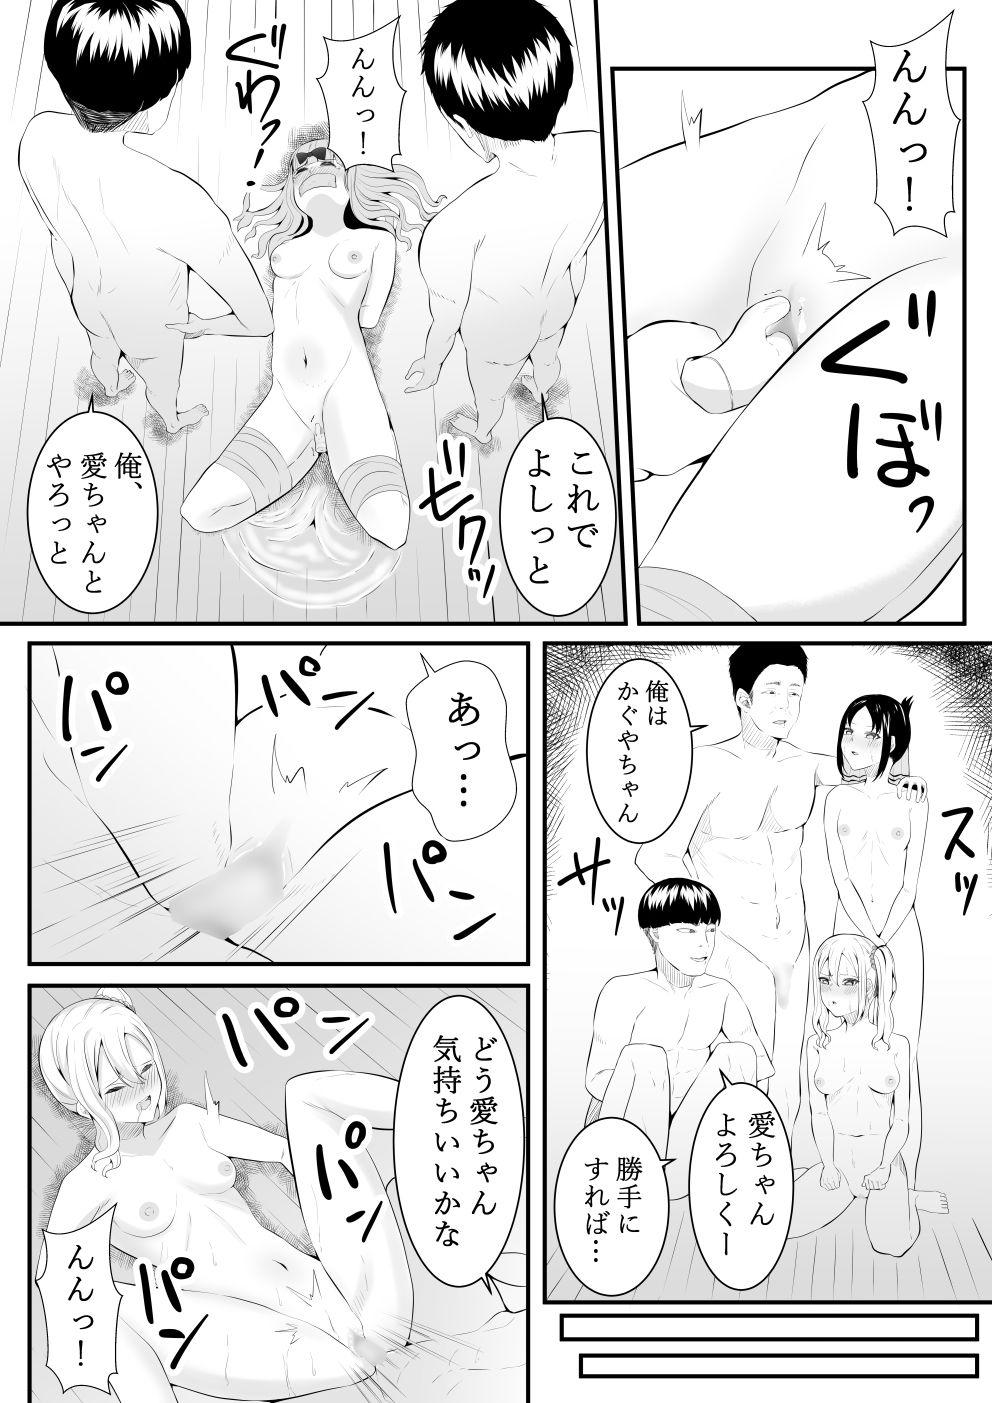 ちかのひみつ画像no.5